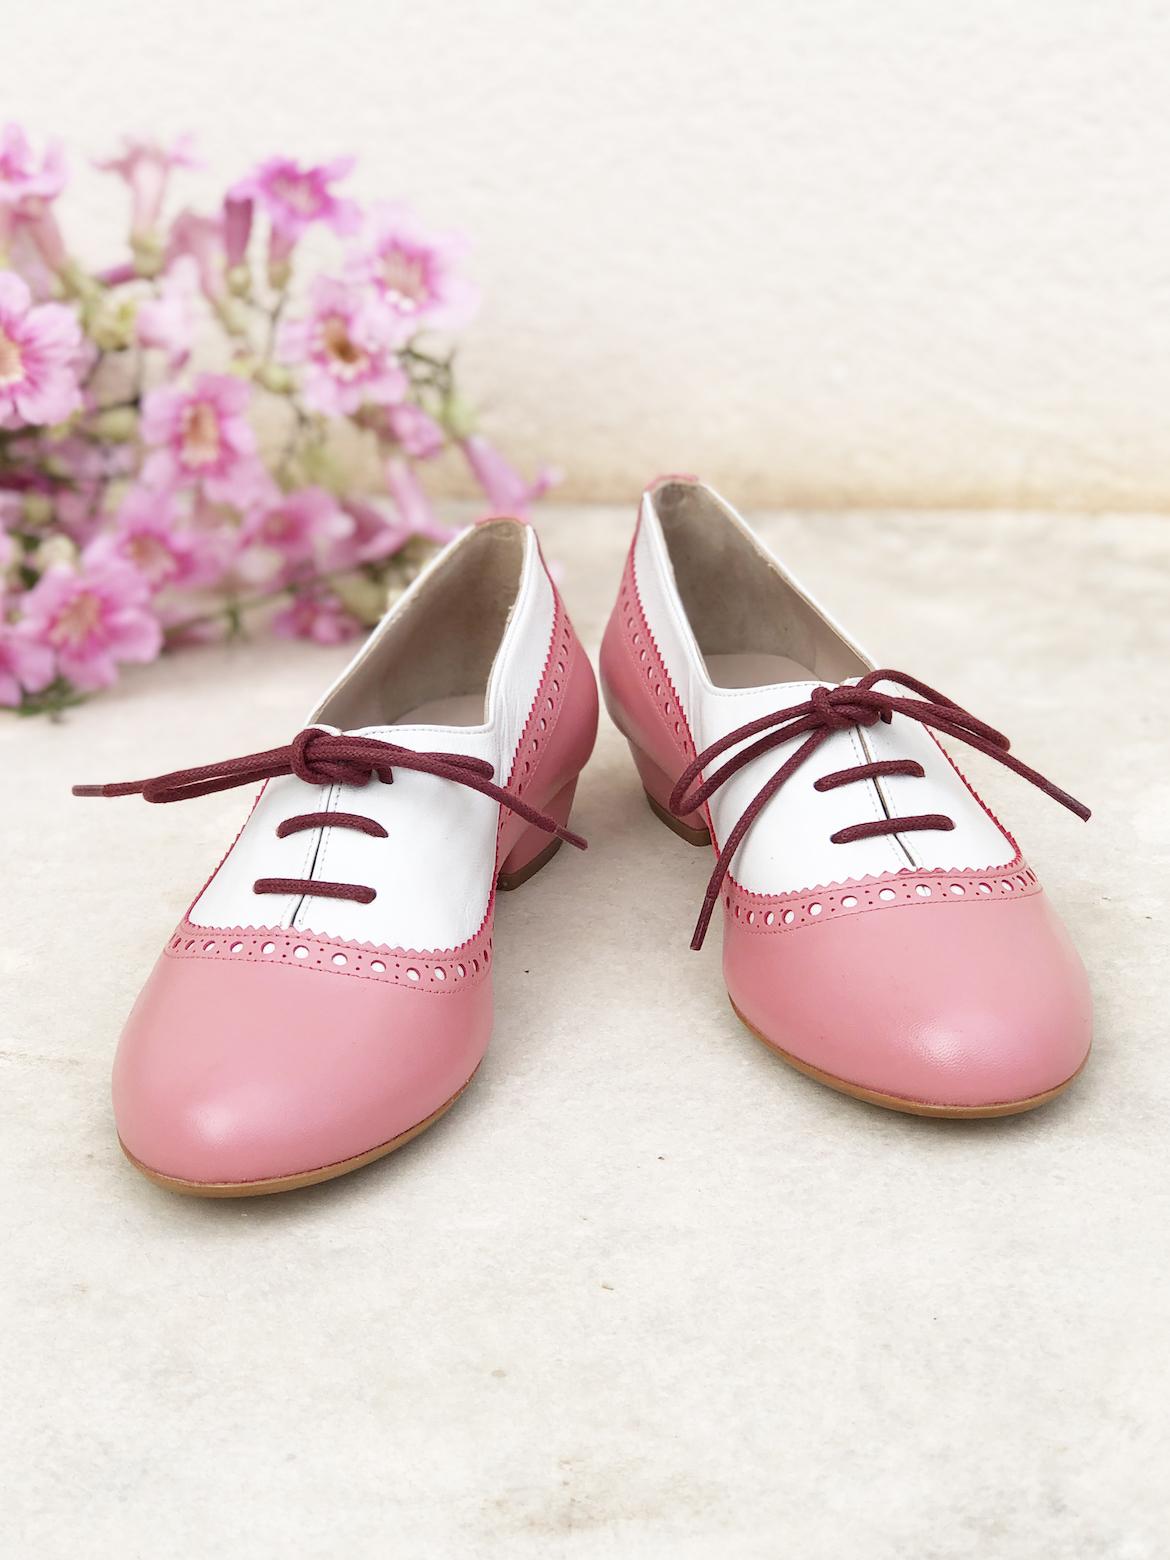 Zapatos de diseño clásico en color rosa